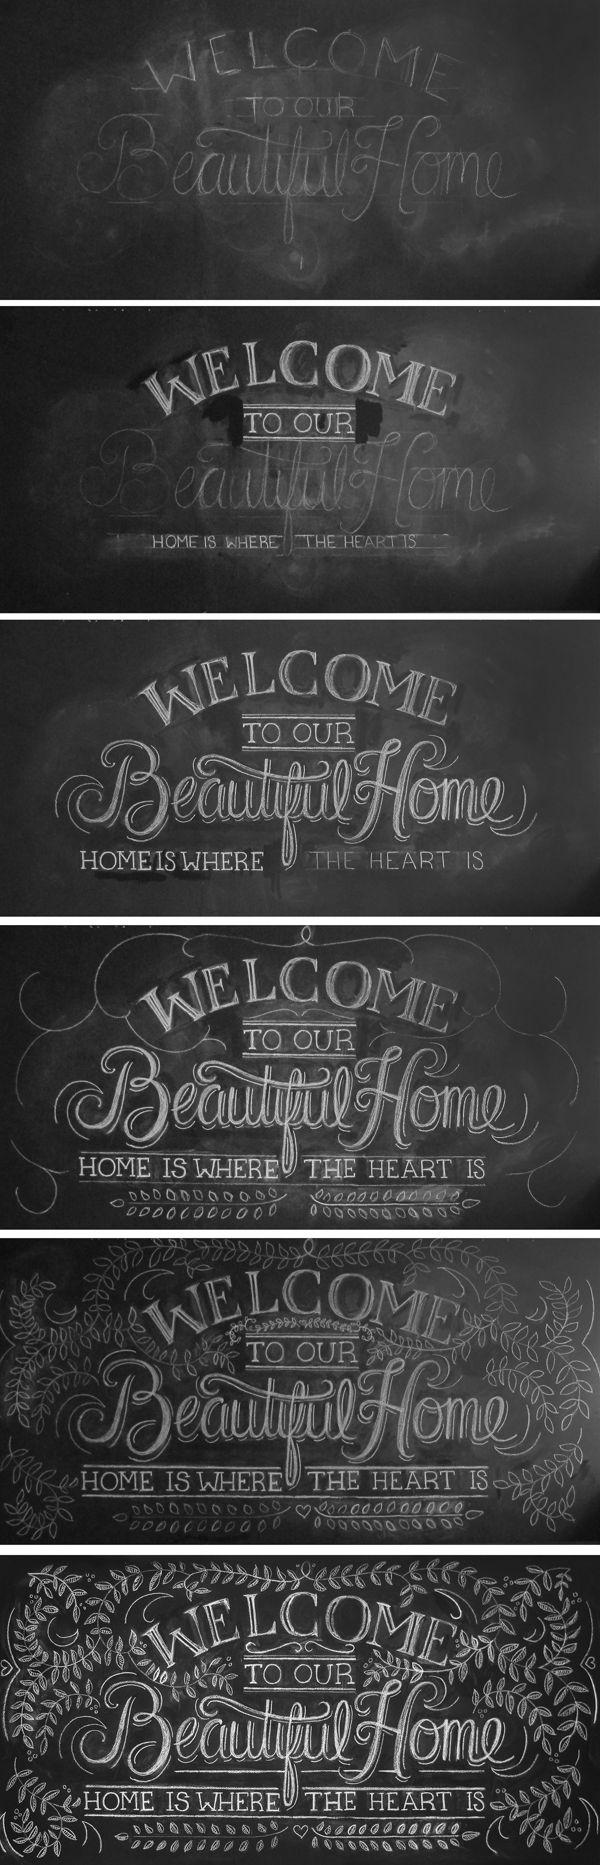 Chalk Typography by Valerie Waldbauer